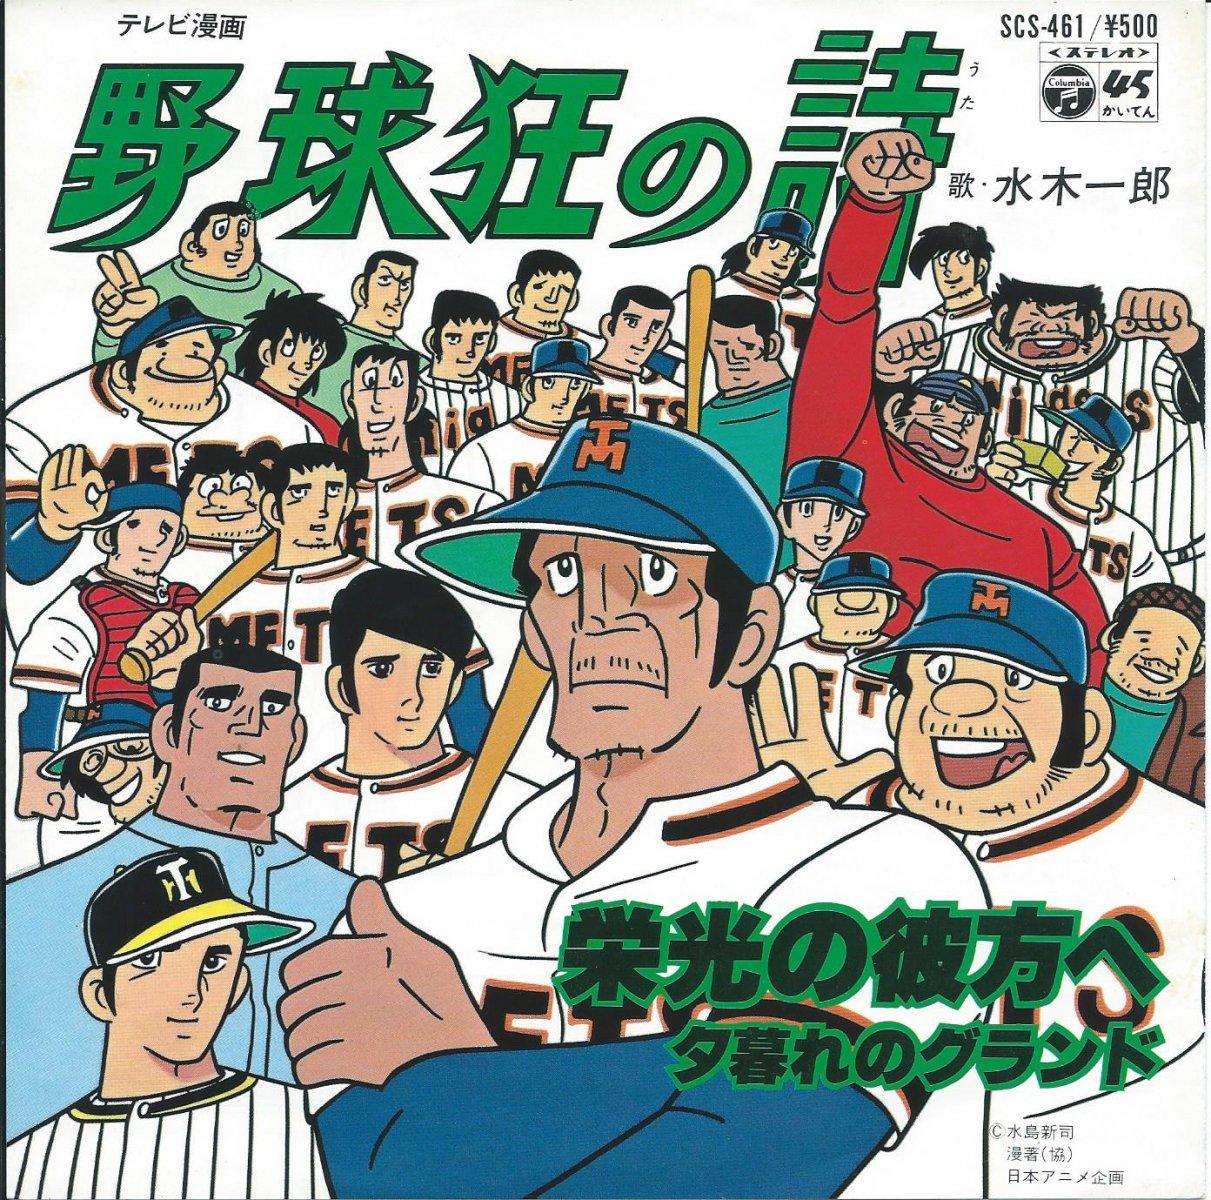 水木一郎 (ICHIRO MIZUKI) / 栄光の彼方へ / 夕暮れのグランド (野球狂の詩) (7